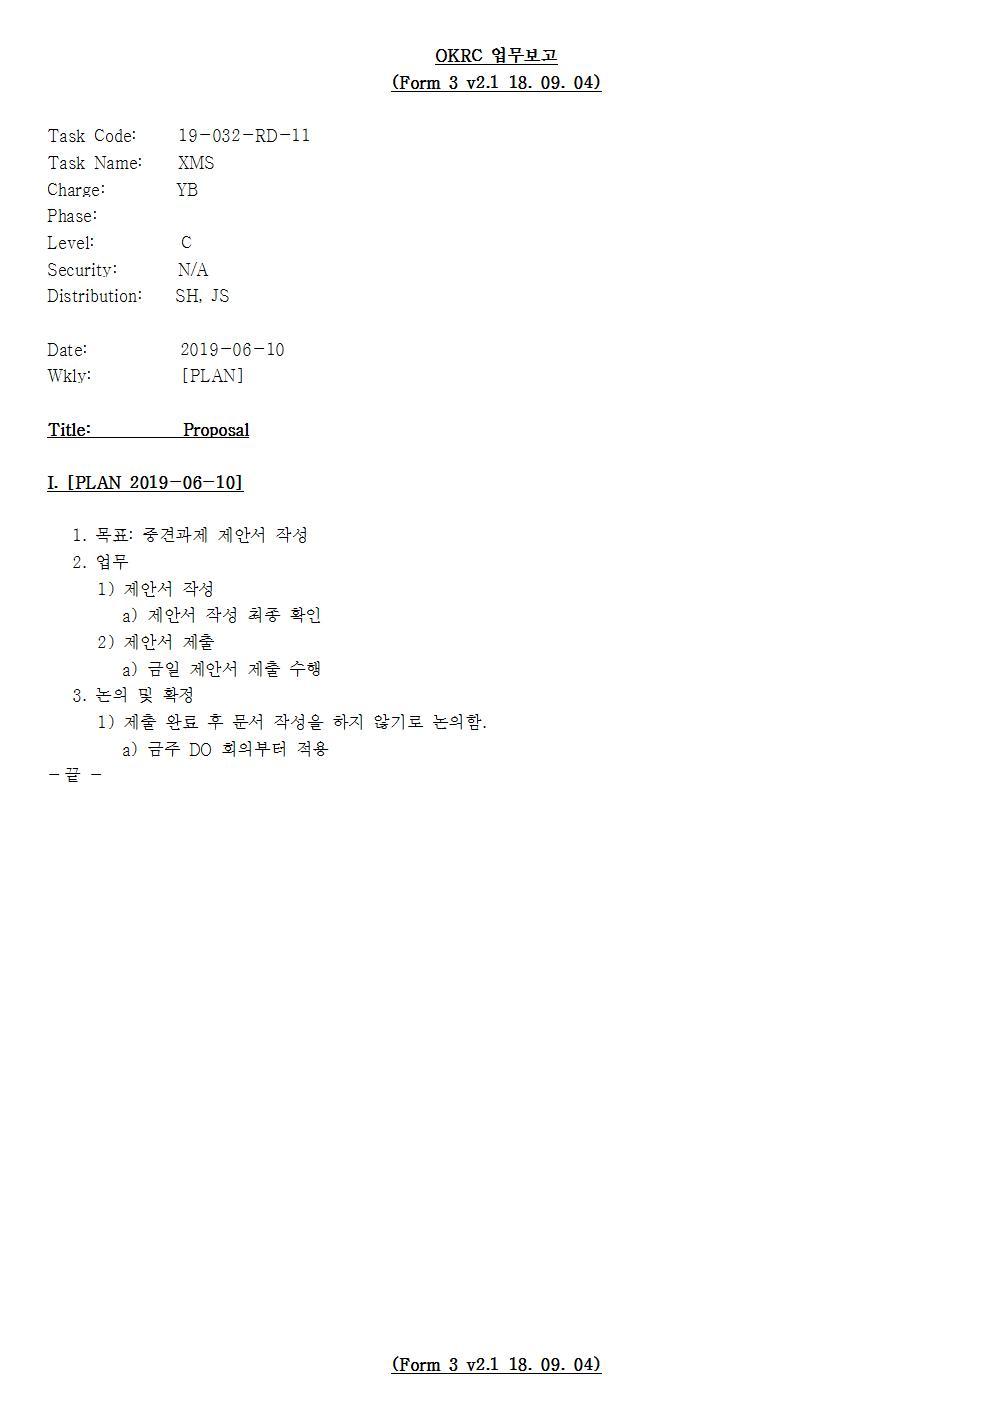 D-[19-032-RD-11]-[Proposal]-[2019-06-14][YB]-[19-6-2]-[P+D+C]001.jpg